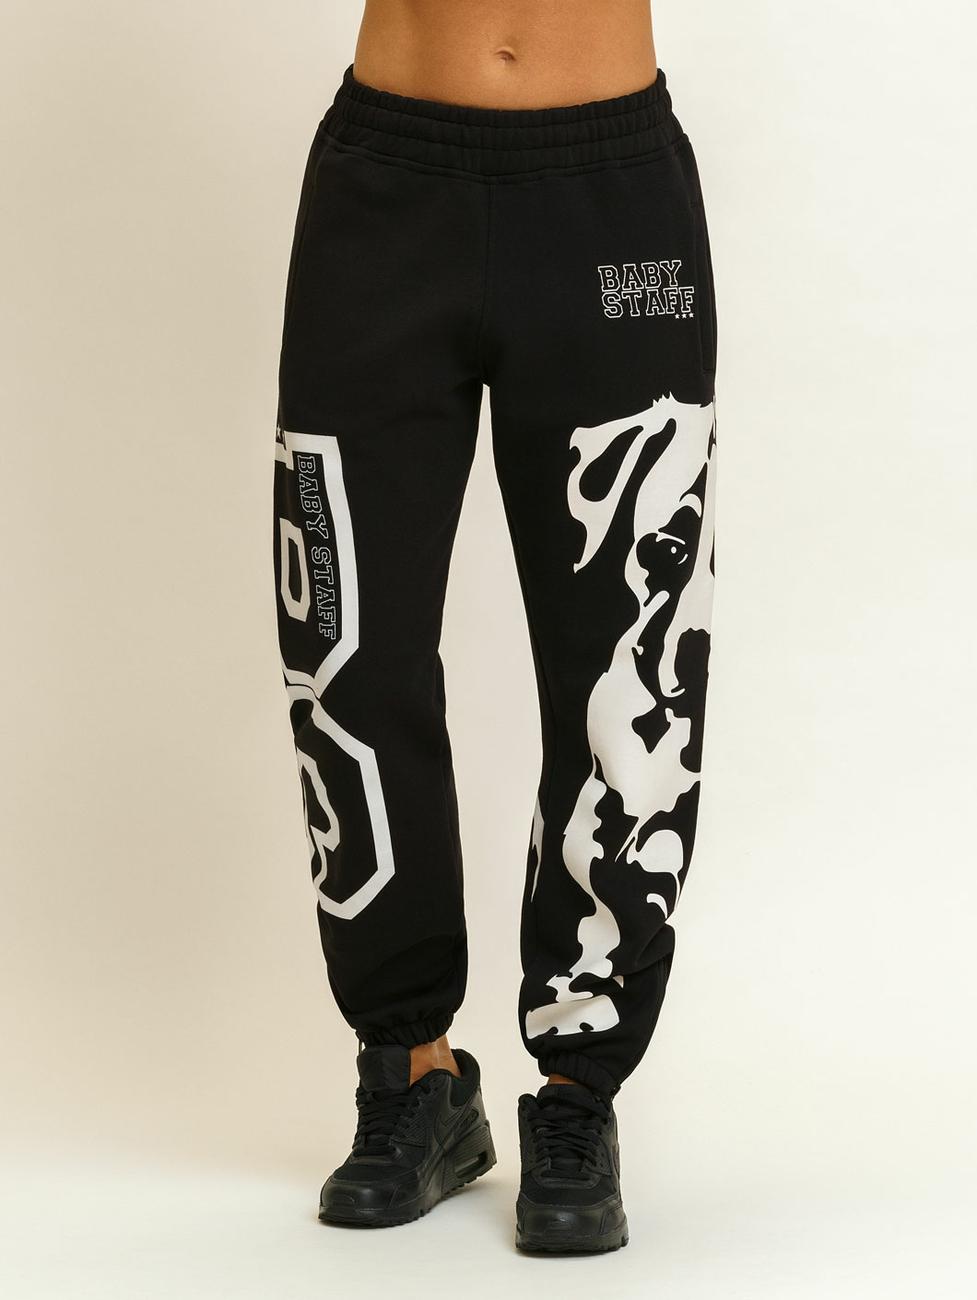 Babystaff Puppy Sweatpants - schwarz XS